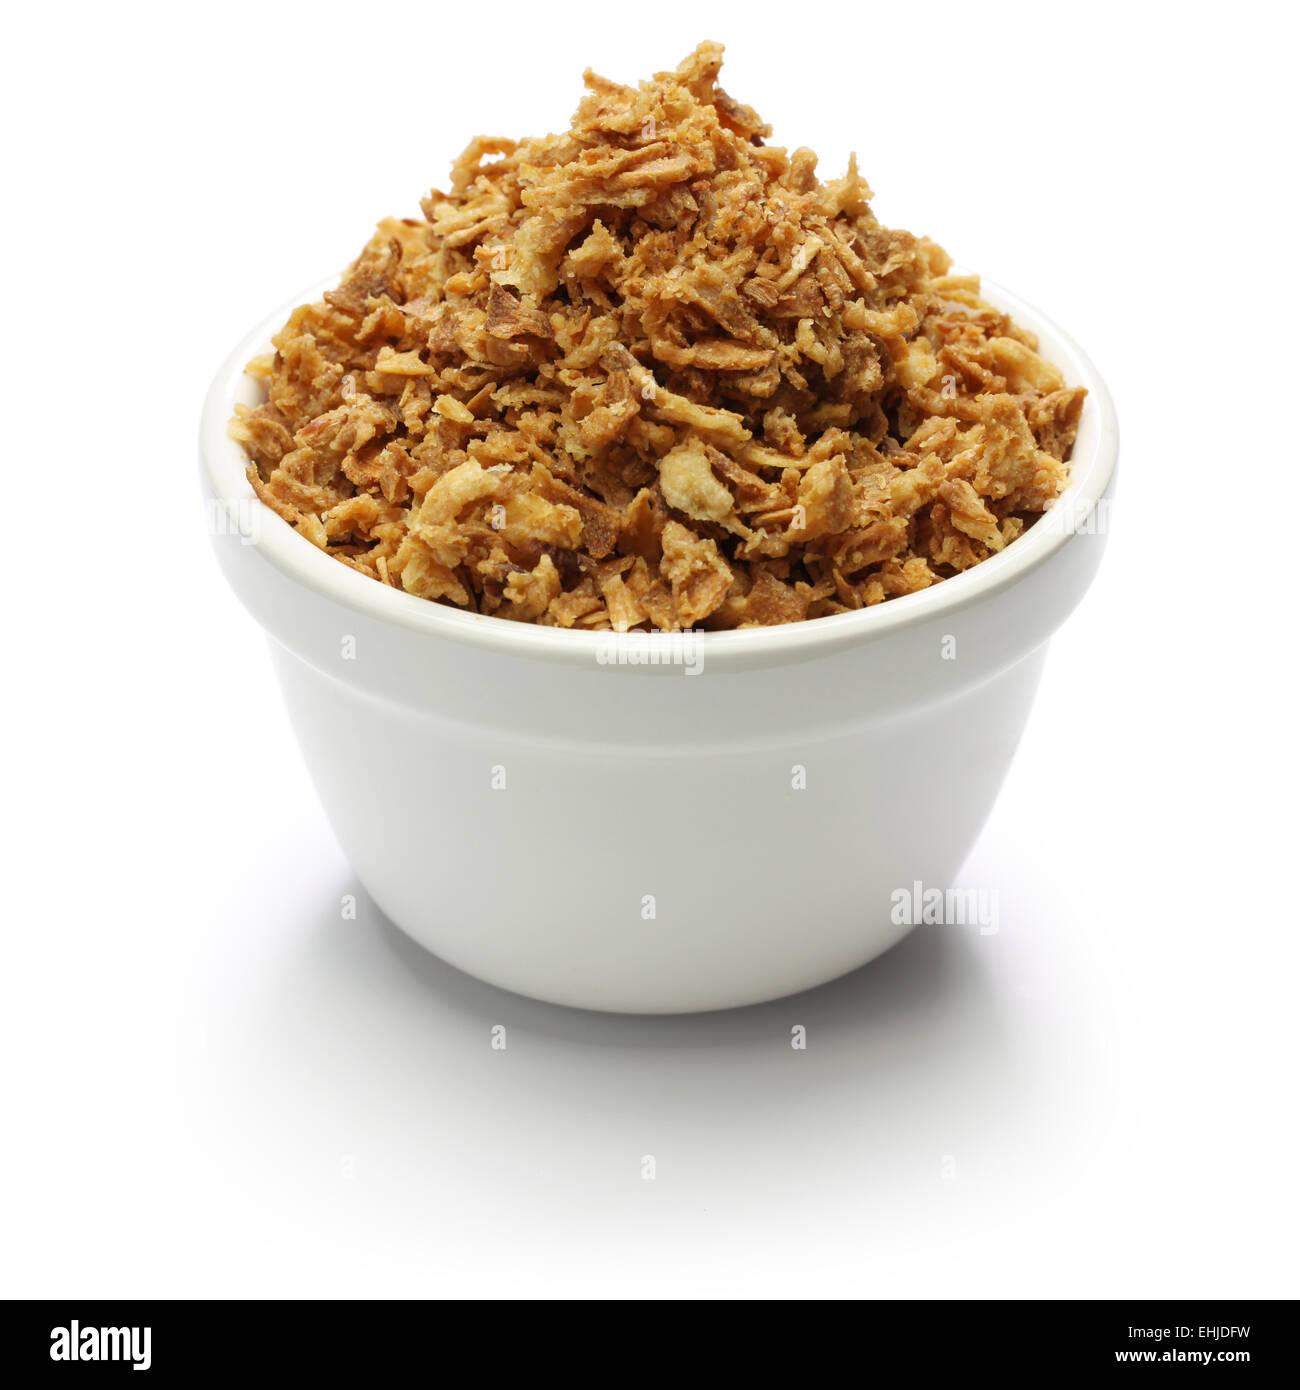 crispy fried onion flakes on white background - Stock Image